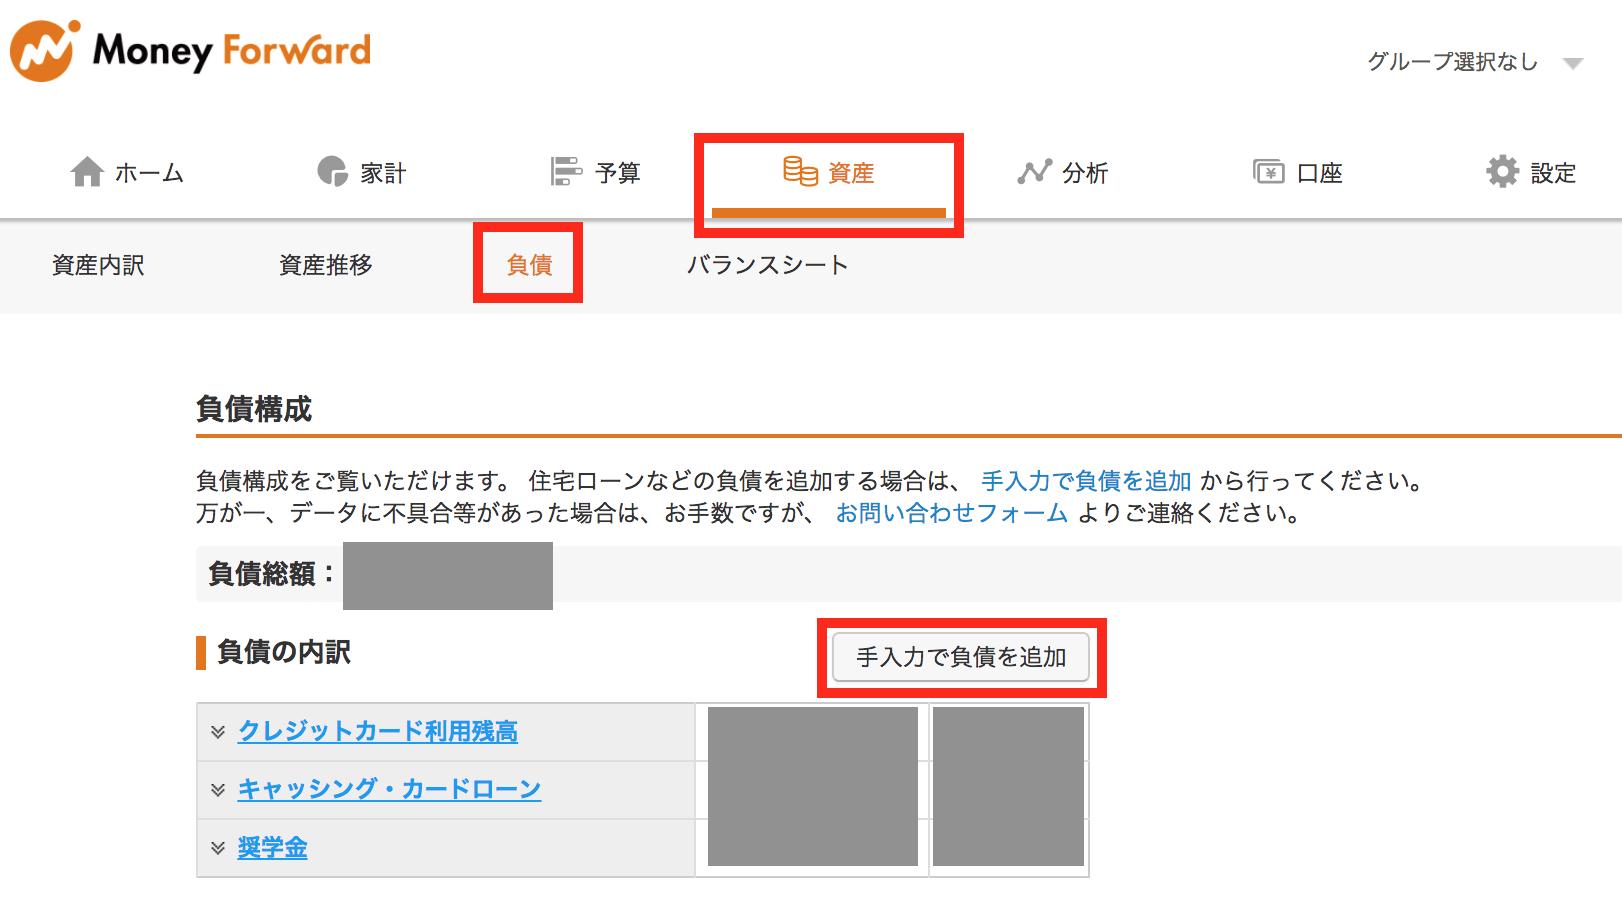 マネーフォワード_借金登録3